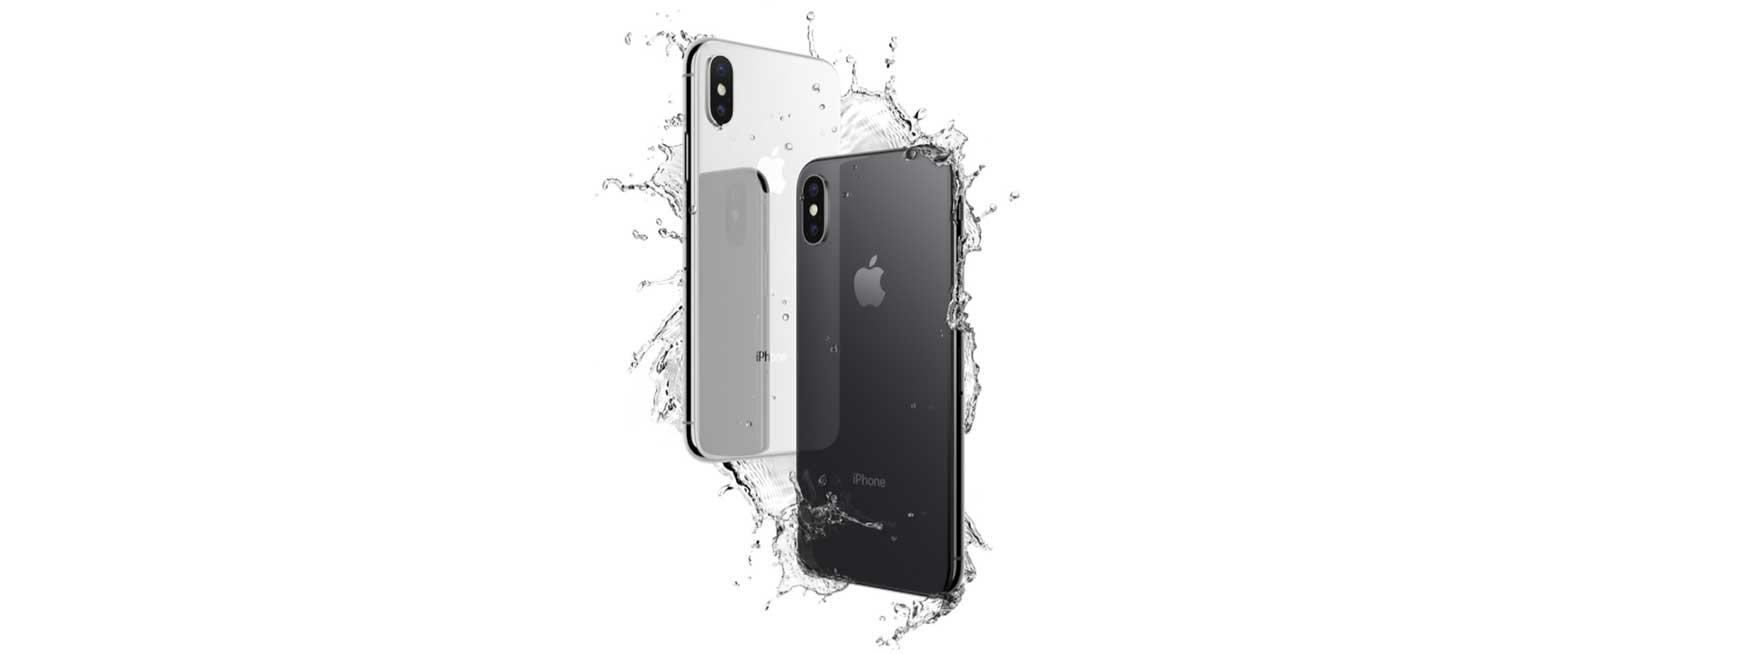 Вода попала внутрь iPhone XS Max